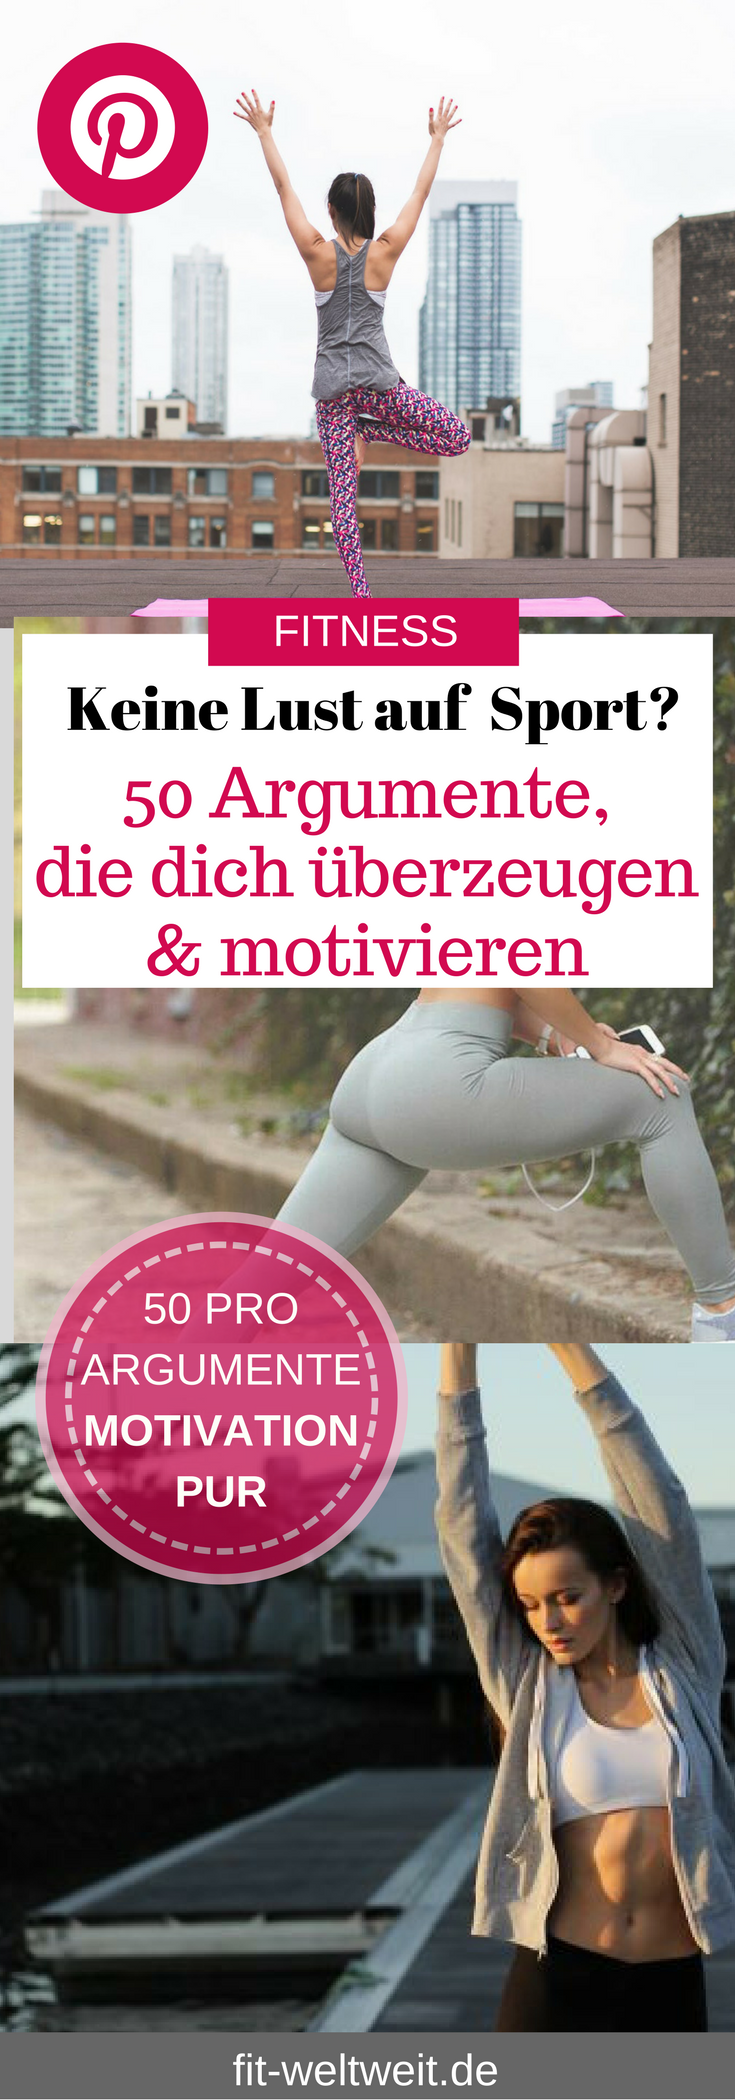 #Alltag #Argumente #Fitness #Fitnessmotivationfrauen #Gründe #pro #solltest #Sport #Trainieren #unbe...